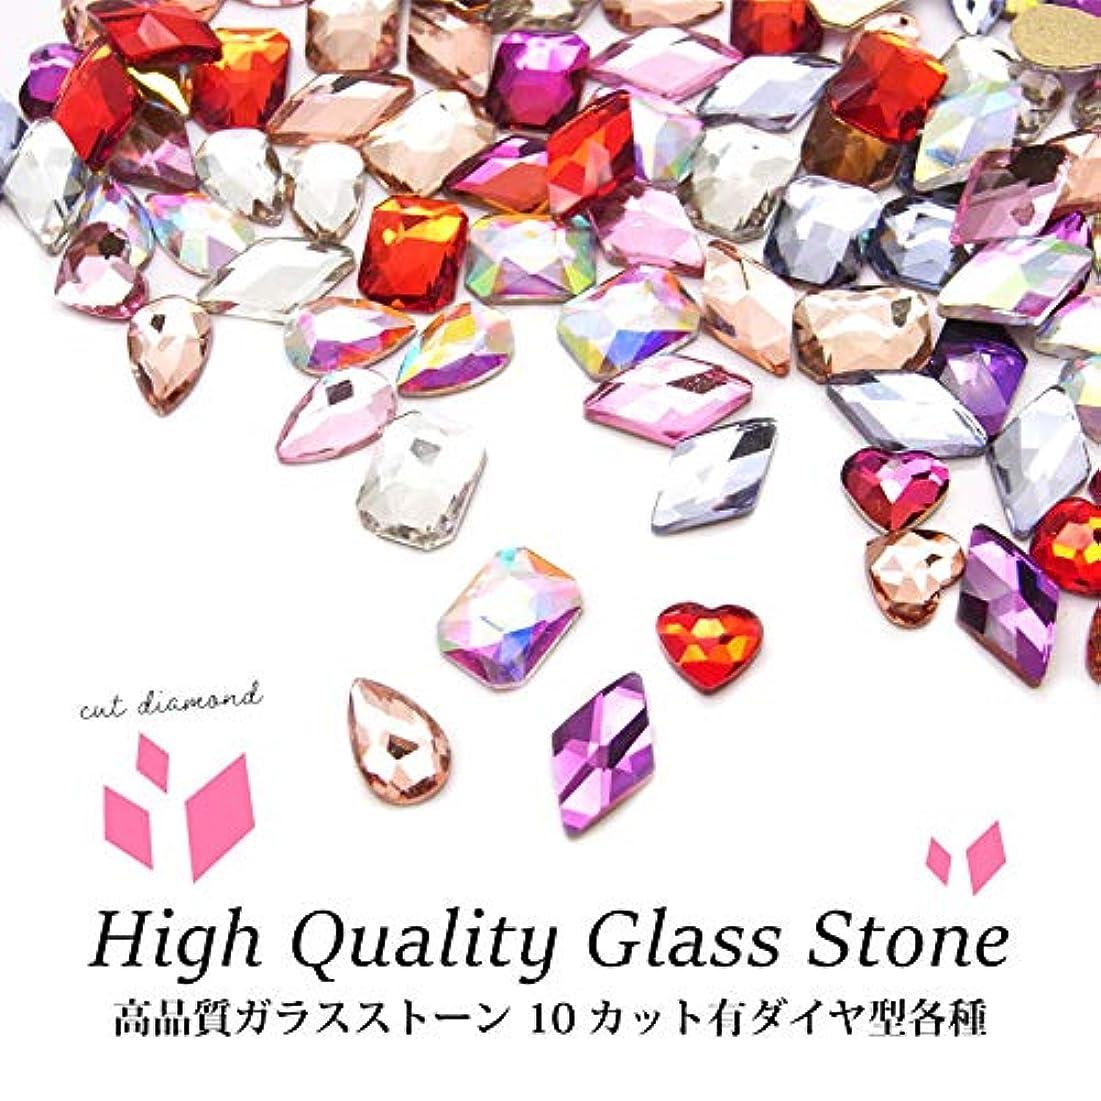 国勢調査値下げ緩める高品質ガラスストーン 10 カット有ダイヤ型 各種 5個入り (4.ライトシャム)